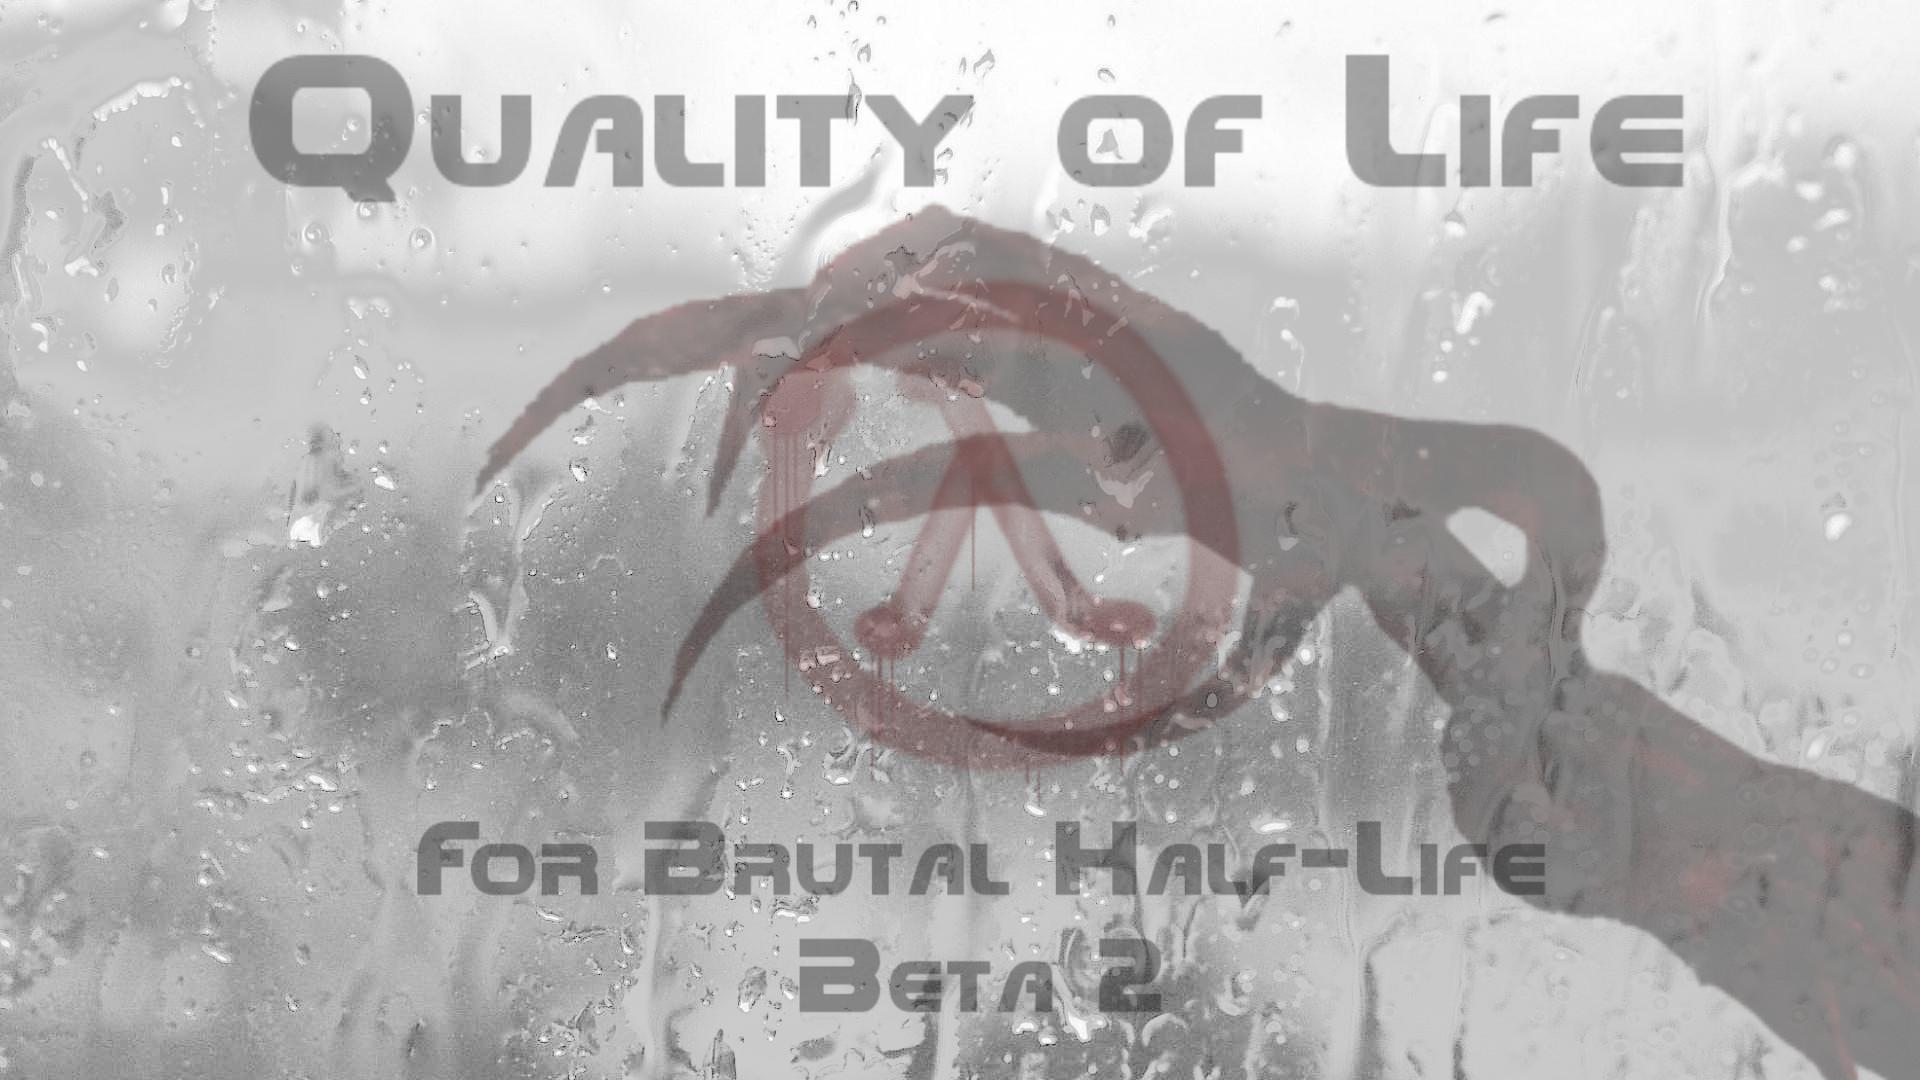 Brutal Half Life Xash3d